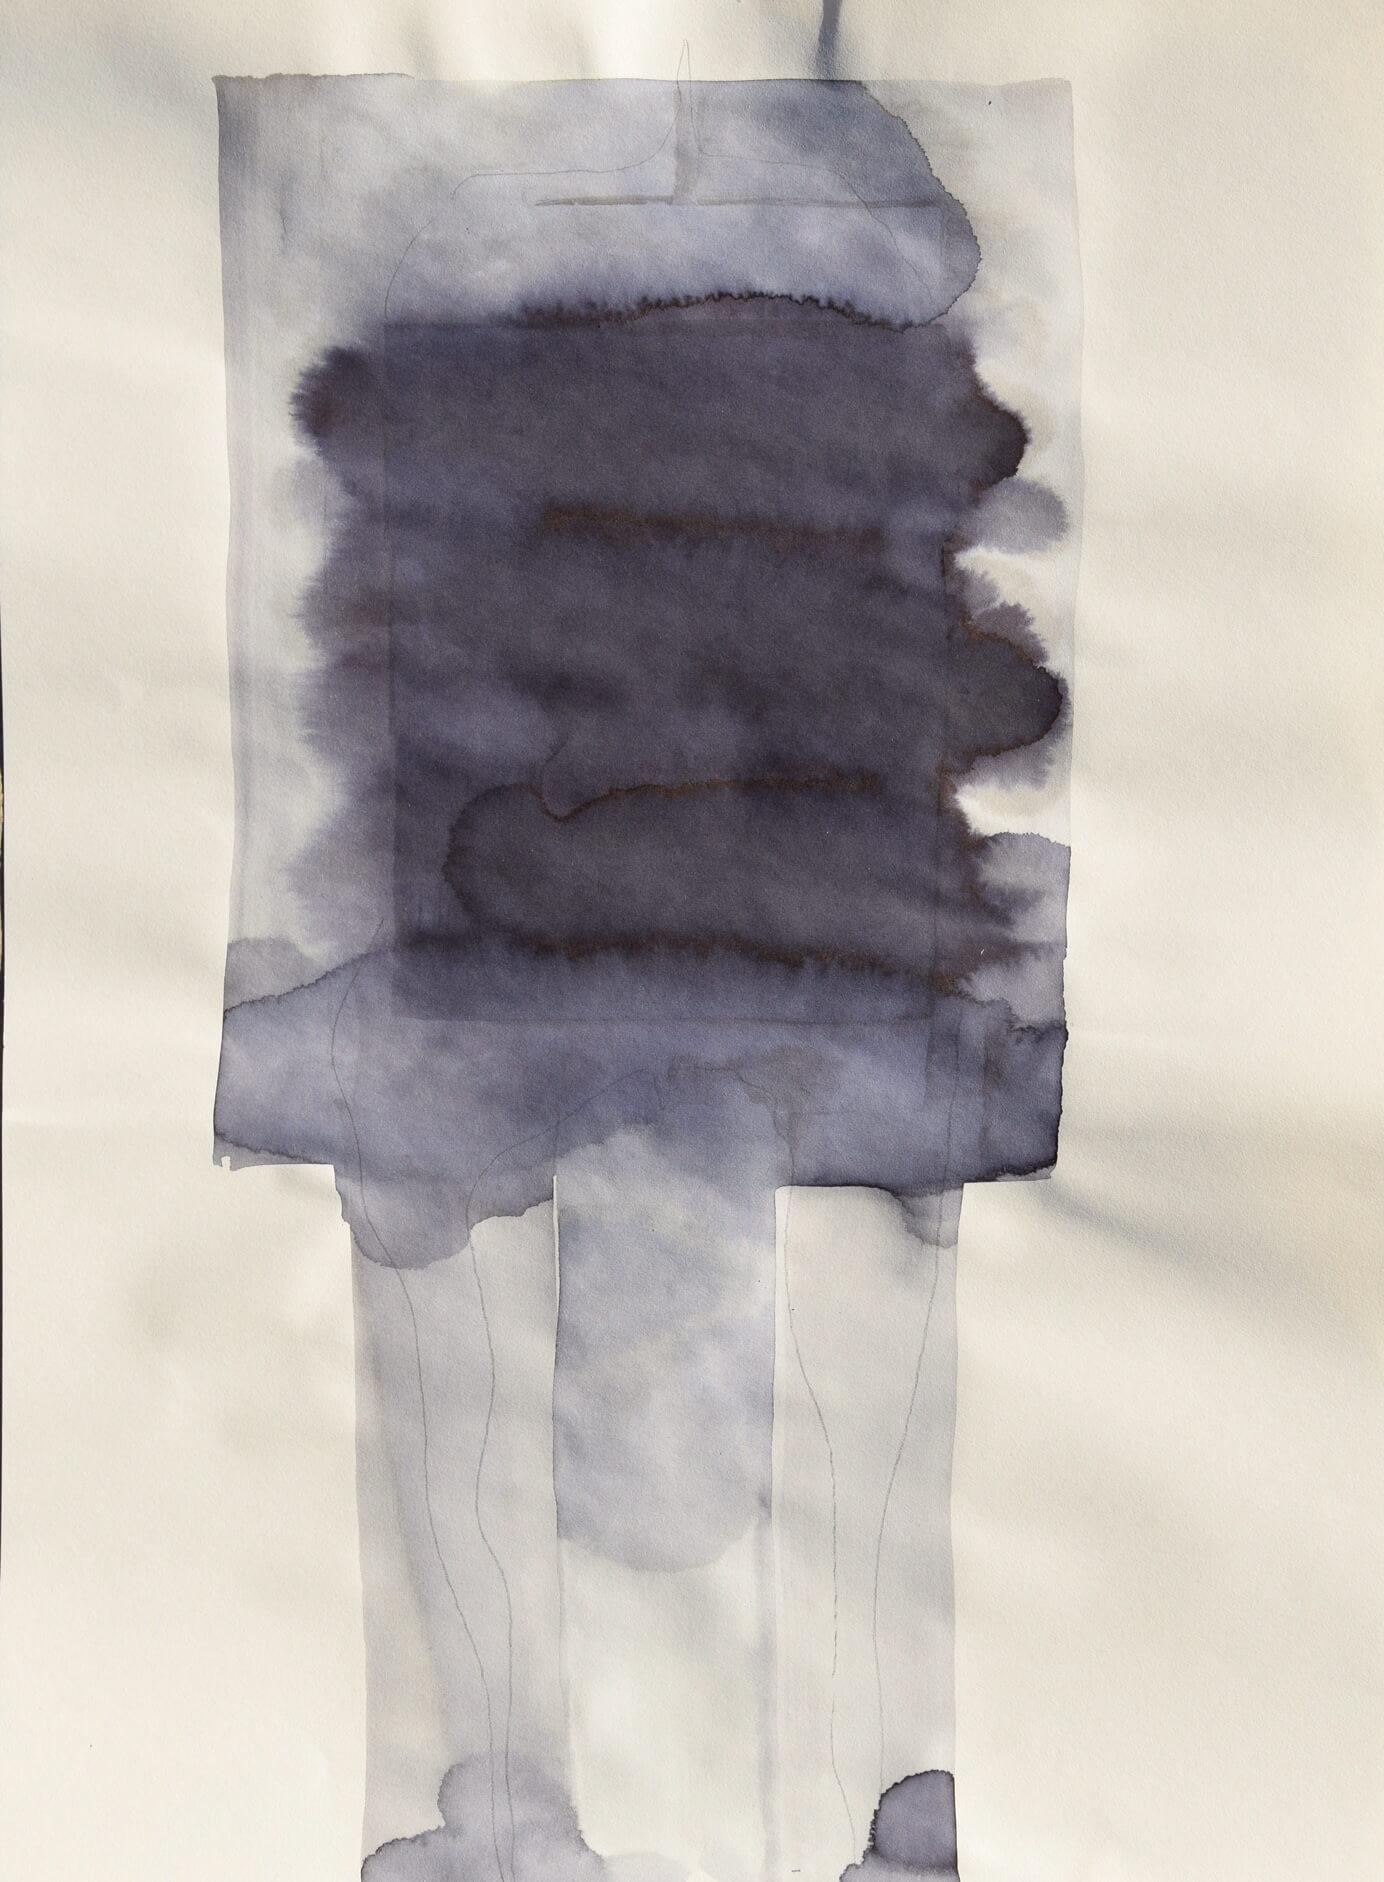 Federico Branchetti - Quadri dipinti - Corpo, acqua e nebbia 2019 - 13